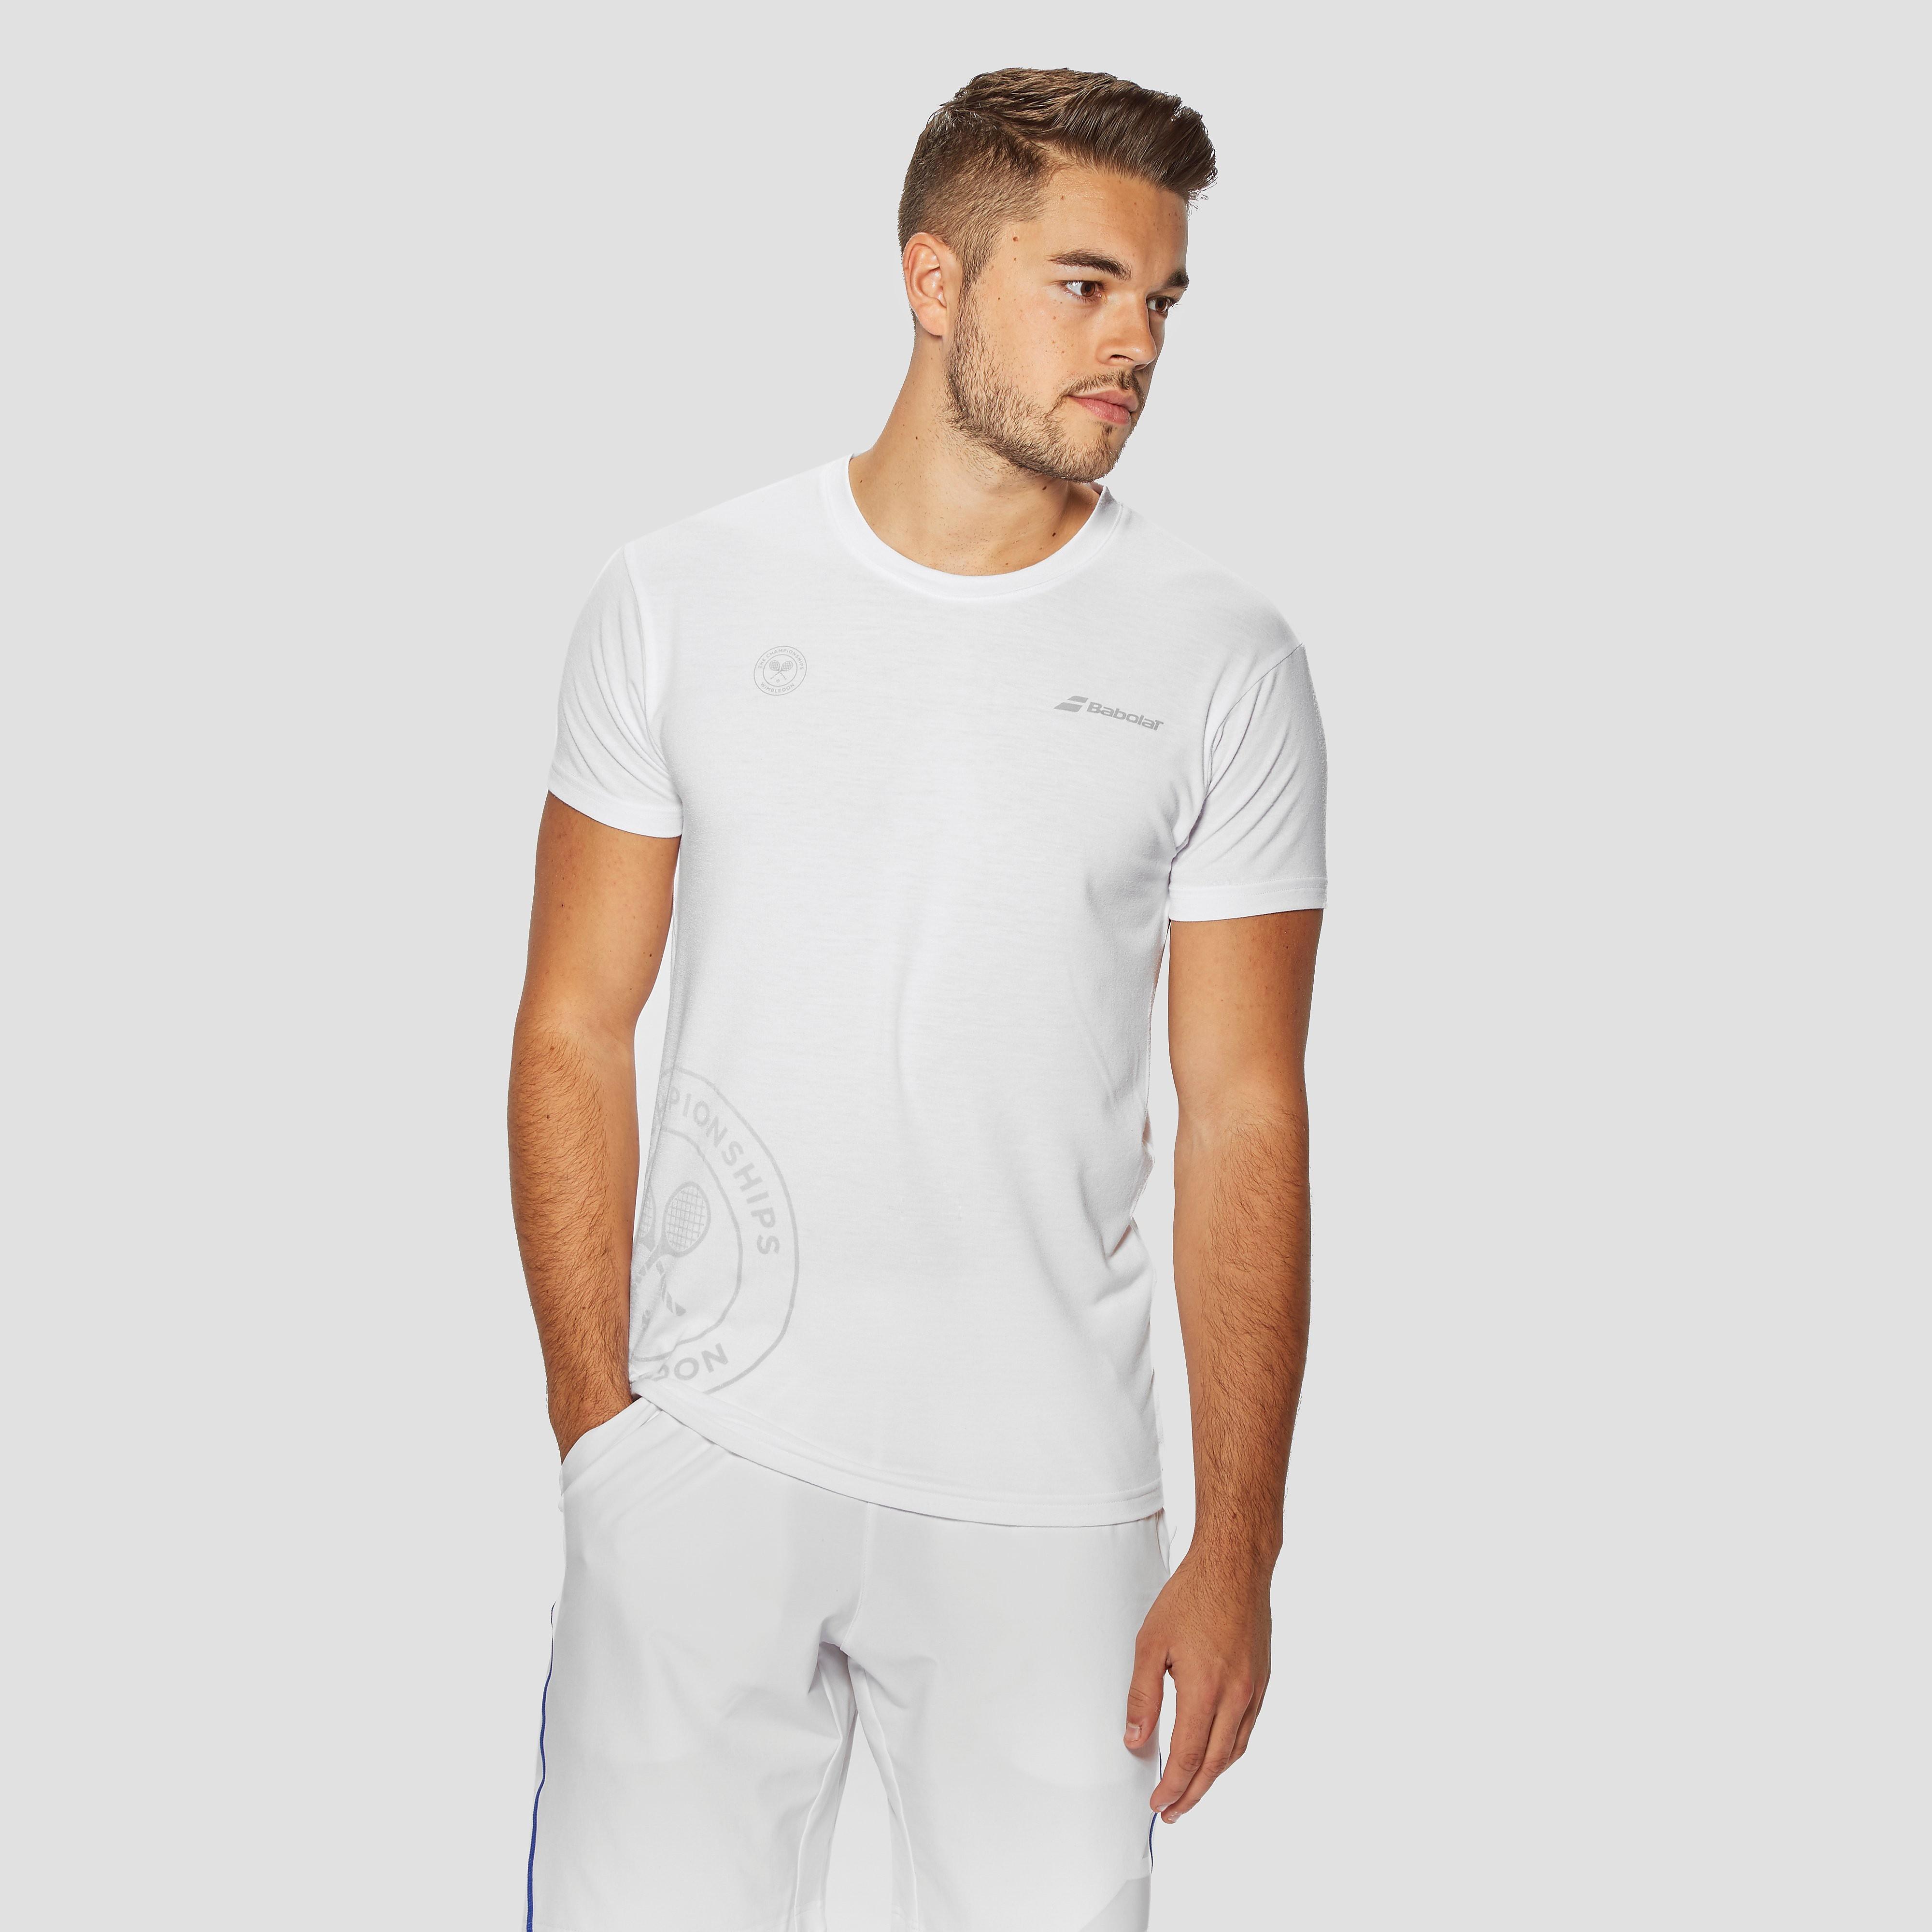 Babolat Wimbledon Pure Men's Tennis Shirt